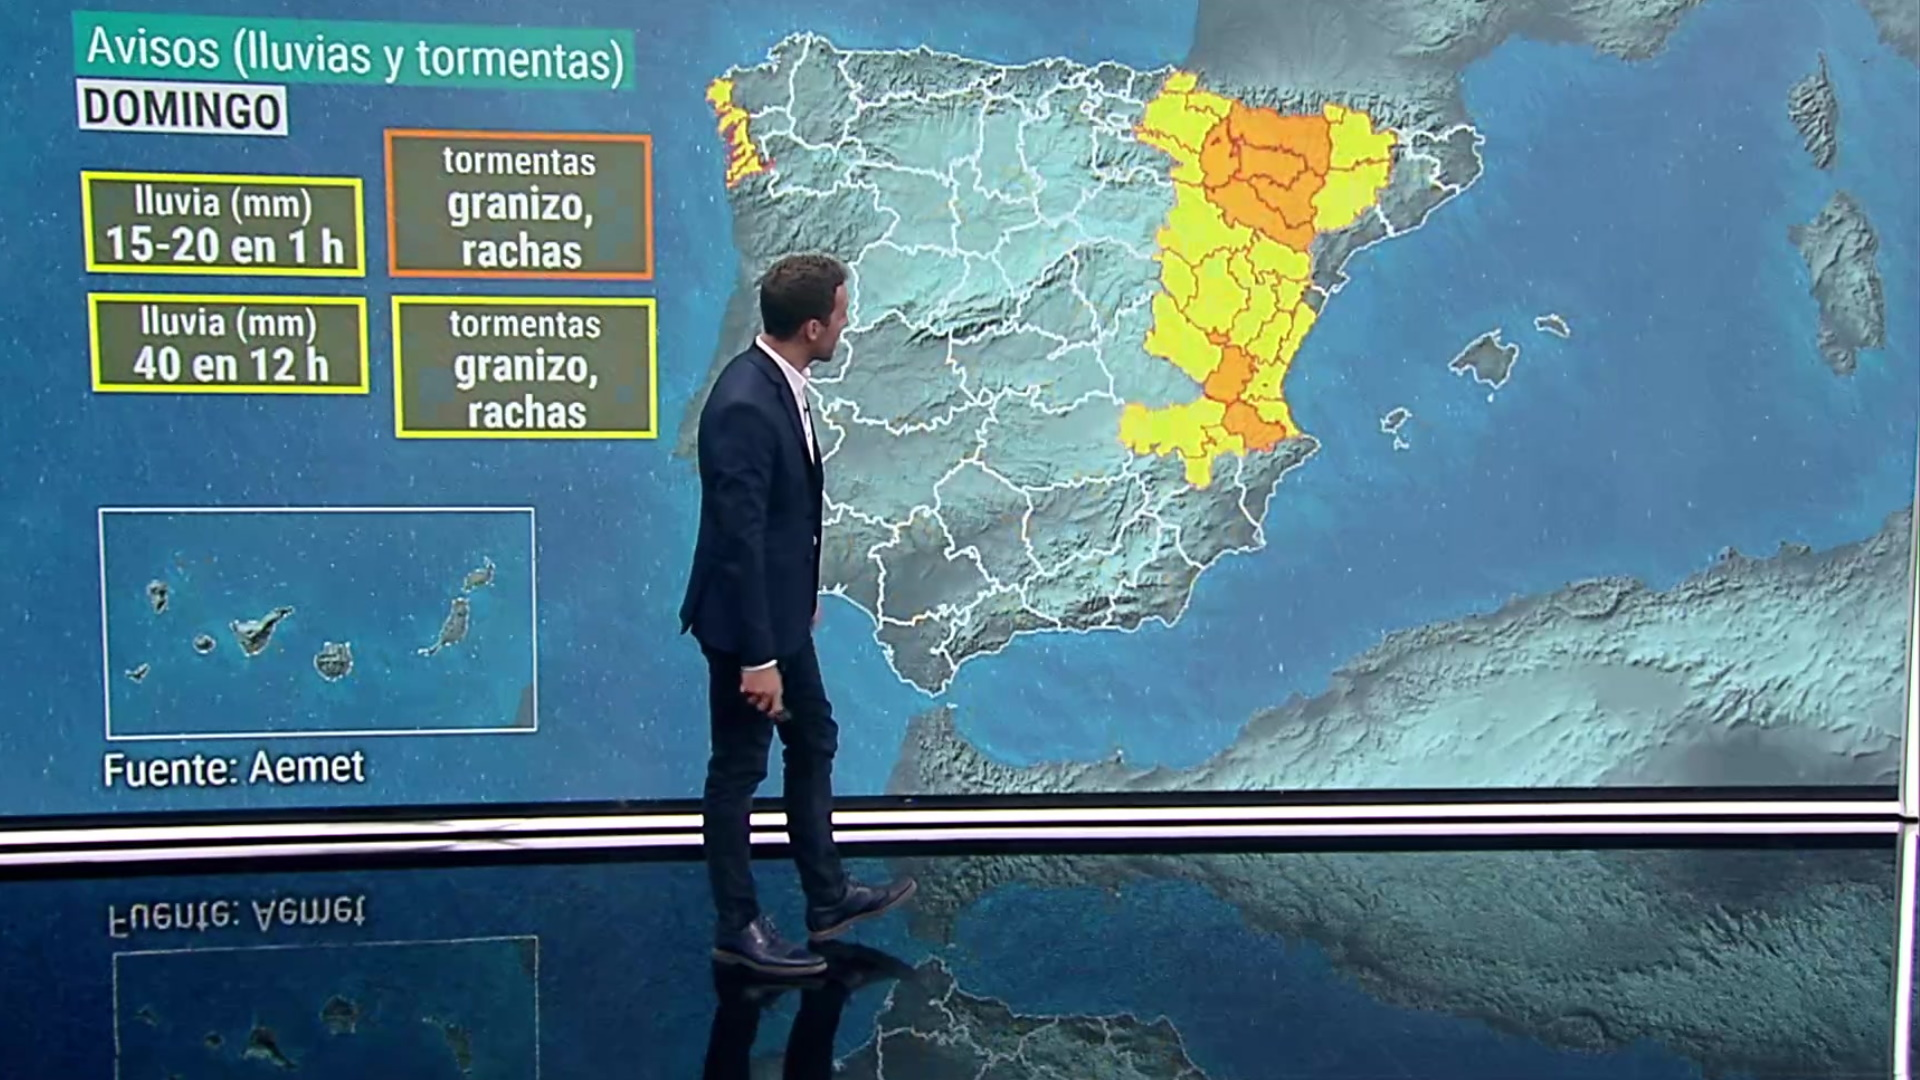 En gran parte de la Península y Baleares predominarán cielos poco nubosos o con intervalos de nubes altas